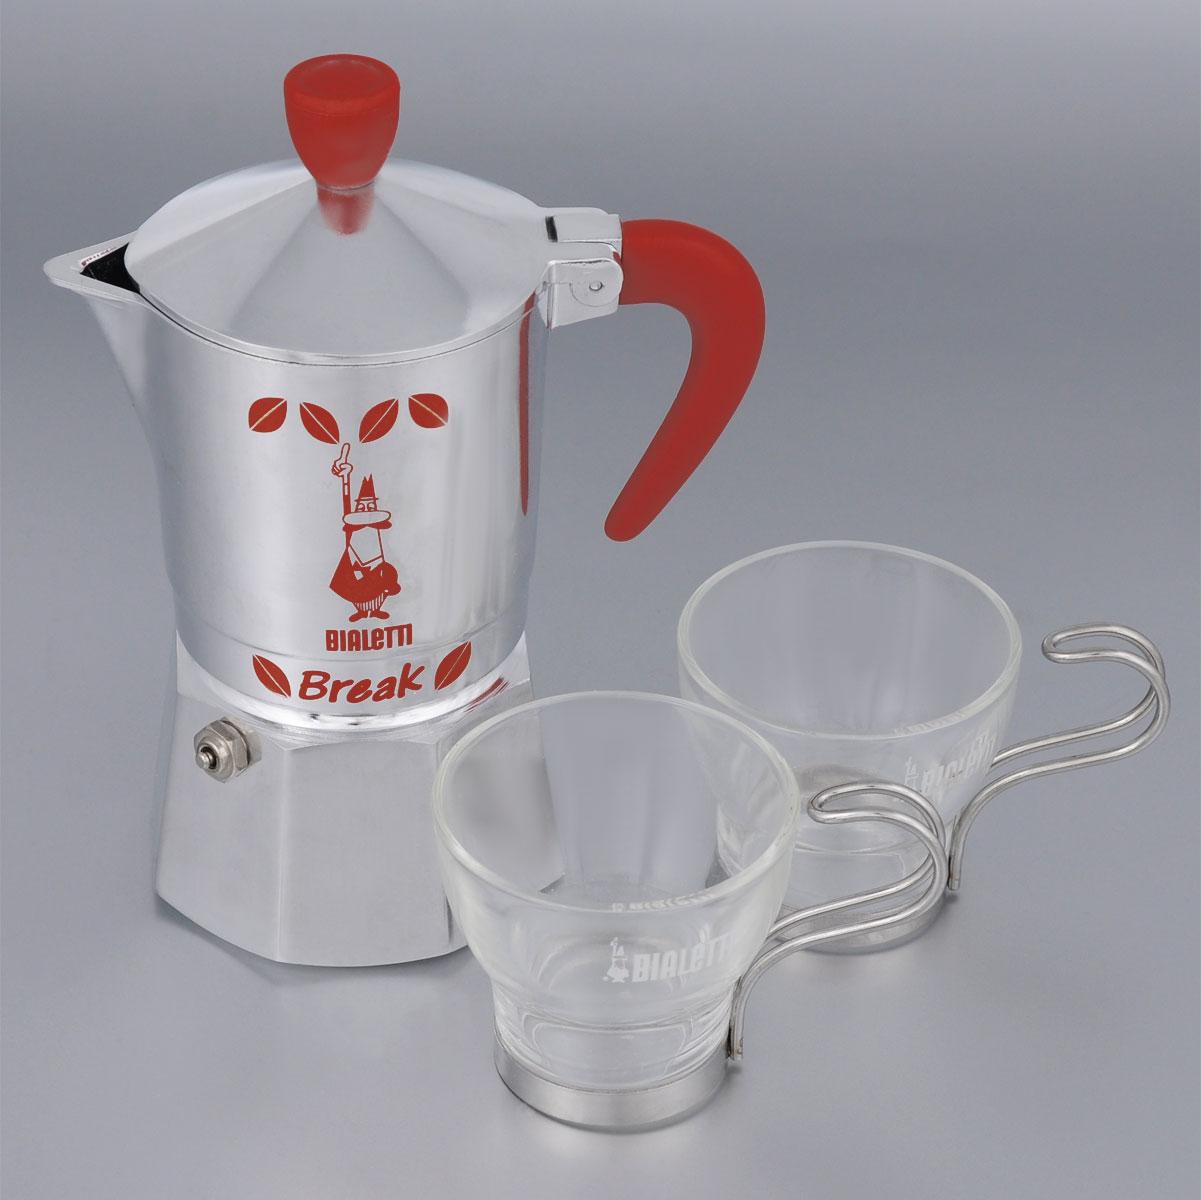 Набор посуды Bialetti Break and Marocchino, 3 предмета5160Набор посуды Bialetti Break and Marocchino включает в себя гейзерную кофеварку и 2 кофейные чашки. Компактная гейзерная кофеварка изготовлена из высококачественного алюминия. Объема кофе хватает на 3 чашки. Изделие оснащено удобной ручкой из нейлона и клапаном давления. Кружки выполнены из высококачественного стекла и оснащены металлическими ручками. Принцип работы такой гейзерной кофеварки - кофе заваривается путем многократного прохождения горячей воды или пара через слой молотого кофе. Удобство кофеварки в том, что вся кофейная гуща остается во внутренней емкости. Гейзерные кофеварки пользуются большой популярностью благодаря изысканному аромату. Кофе получается крепкий и насыщенный. Теперь и дома вы сможете насладиться великолепным эспрессо. Подходит для газовых, электрических и стеклокерамических плит. Нельзя мыть в посудомоечной машине. Высота кофеварки: 18 см. Диаметр дна кофеварки: 7,8 см. ...